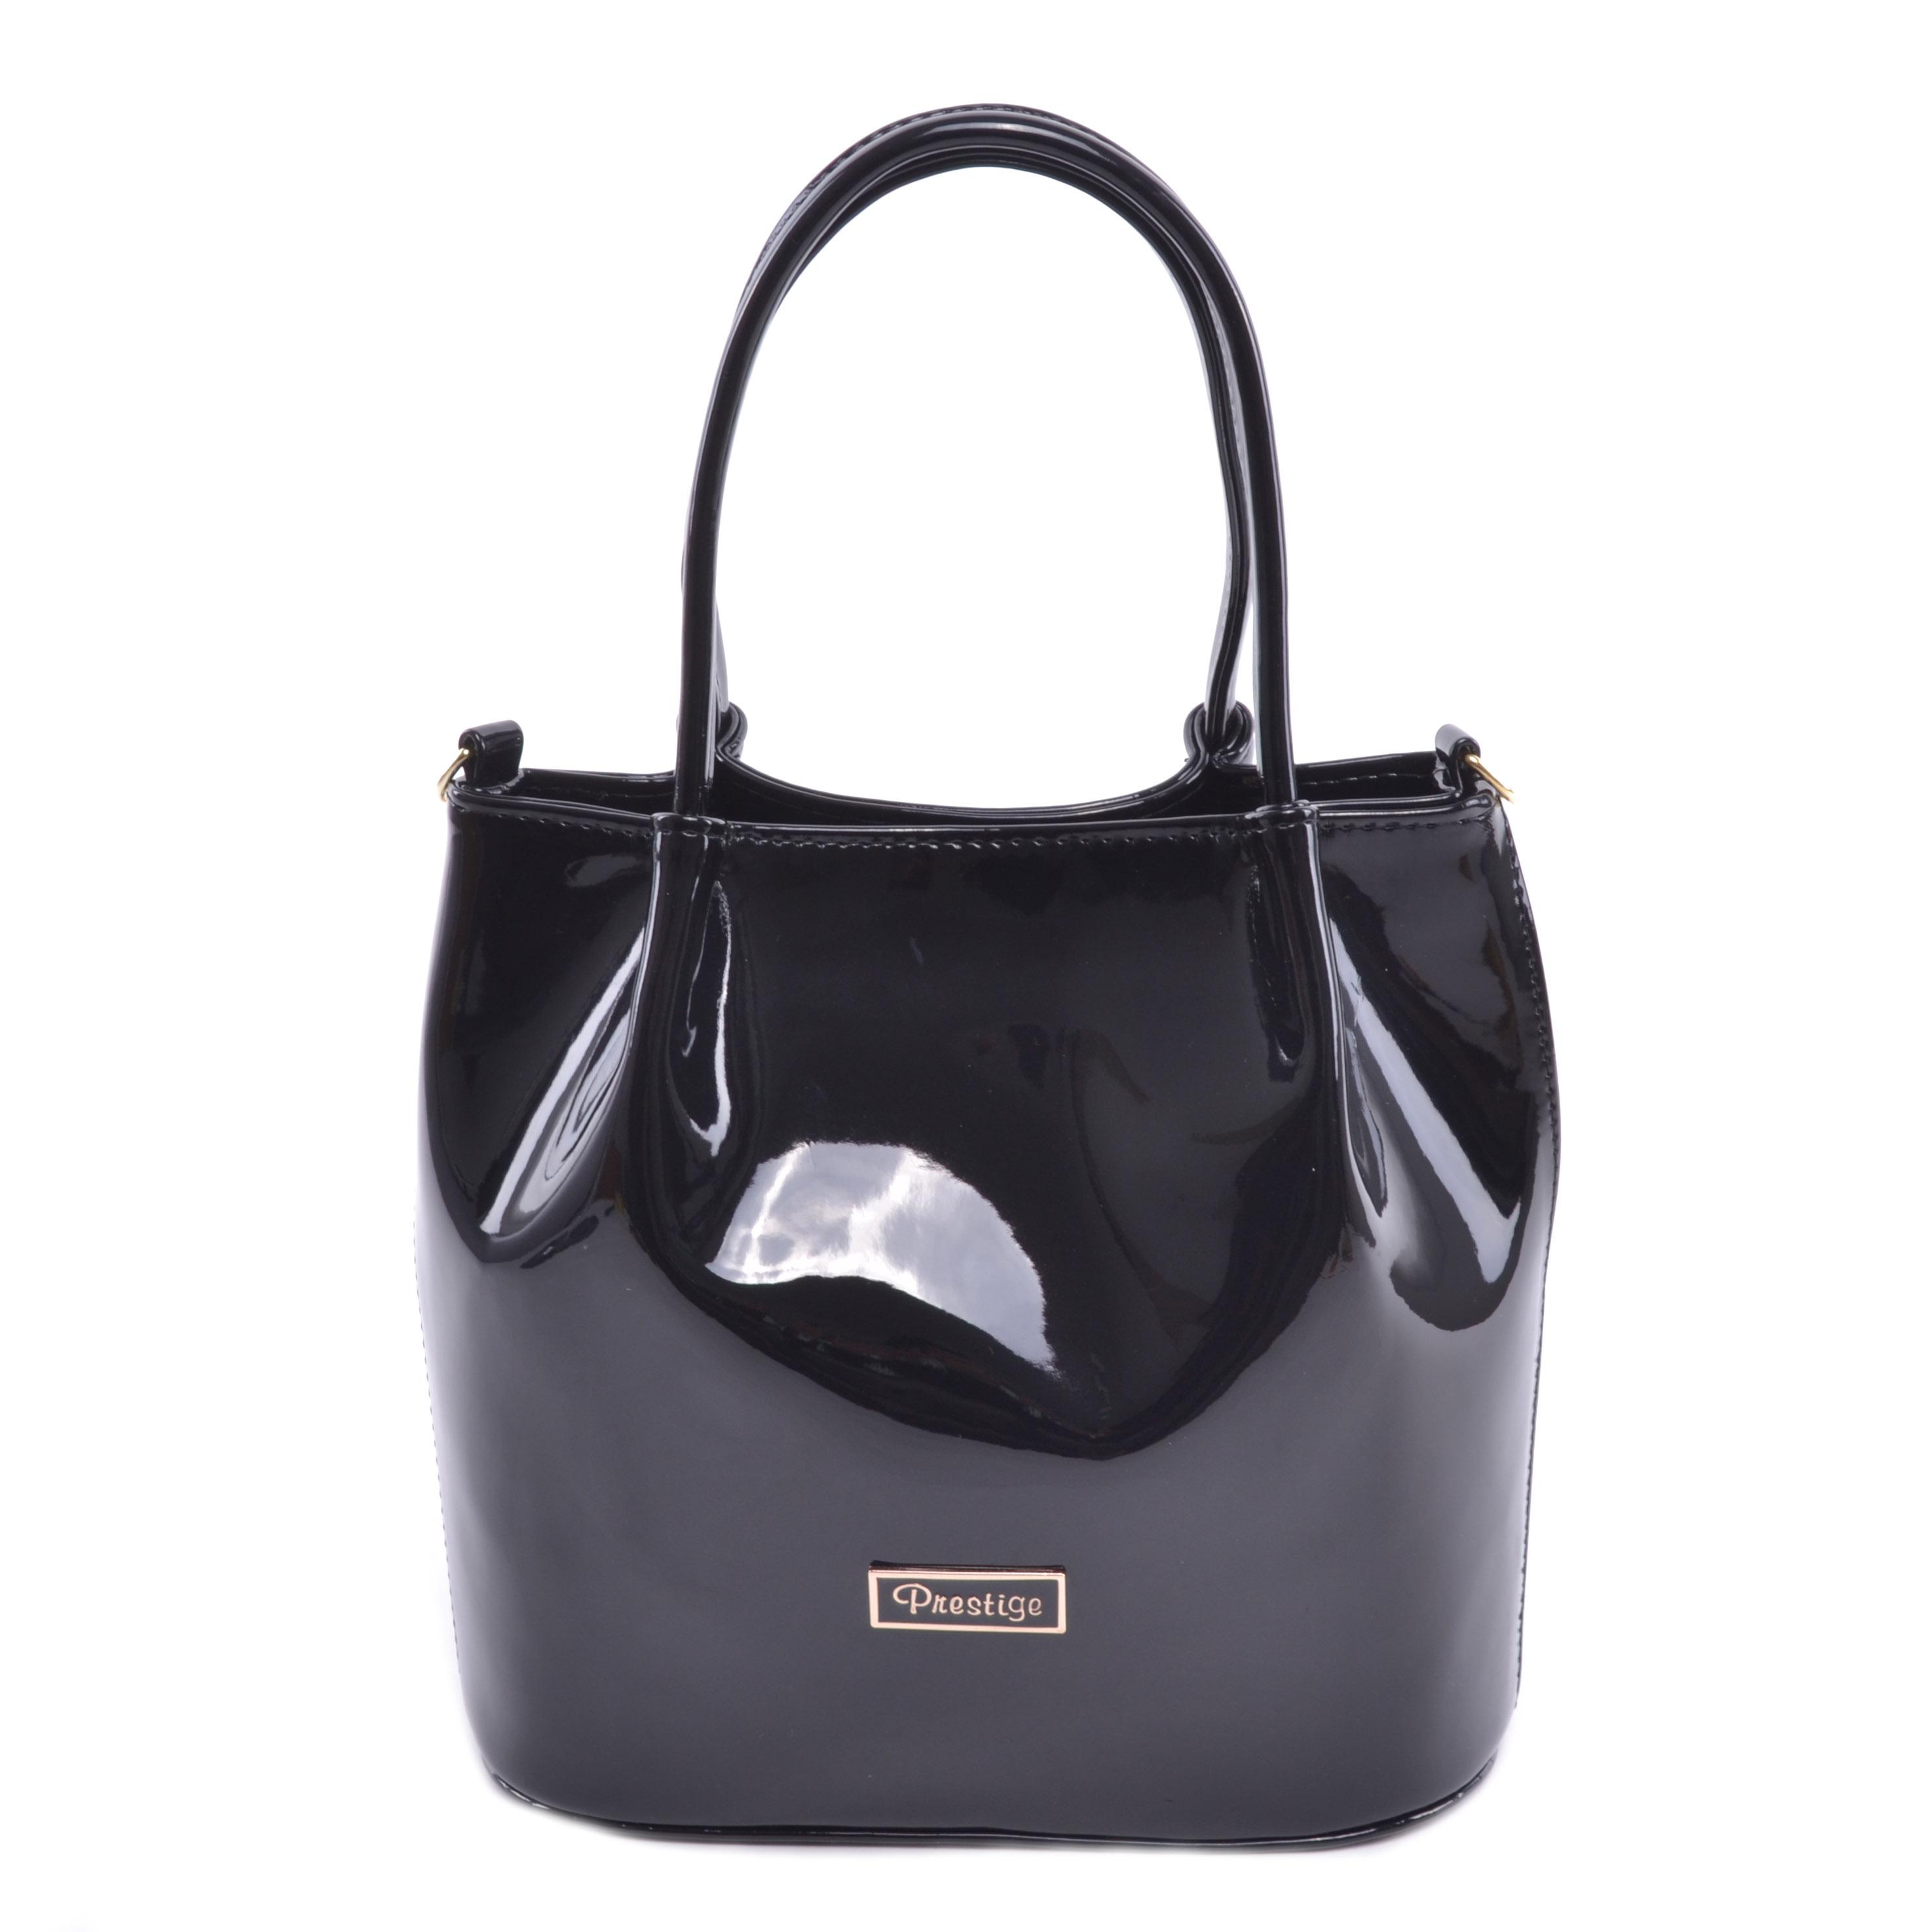 195447799d28 Prestige Fekete Lakk Női Kézitáska - Kézitáskák - Táska webáruház - Minőségi  táskák mindenkinek